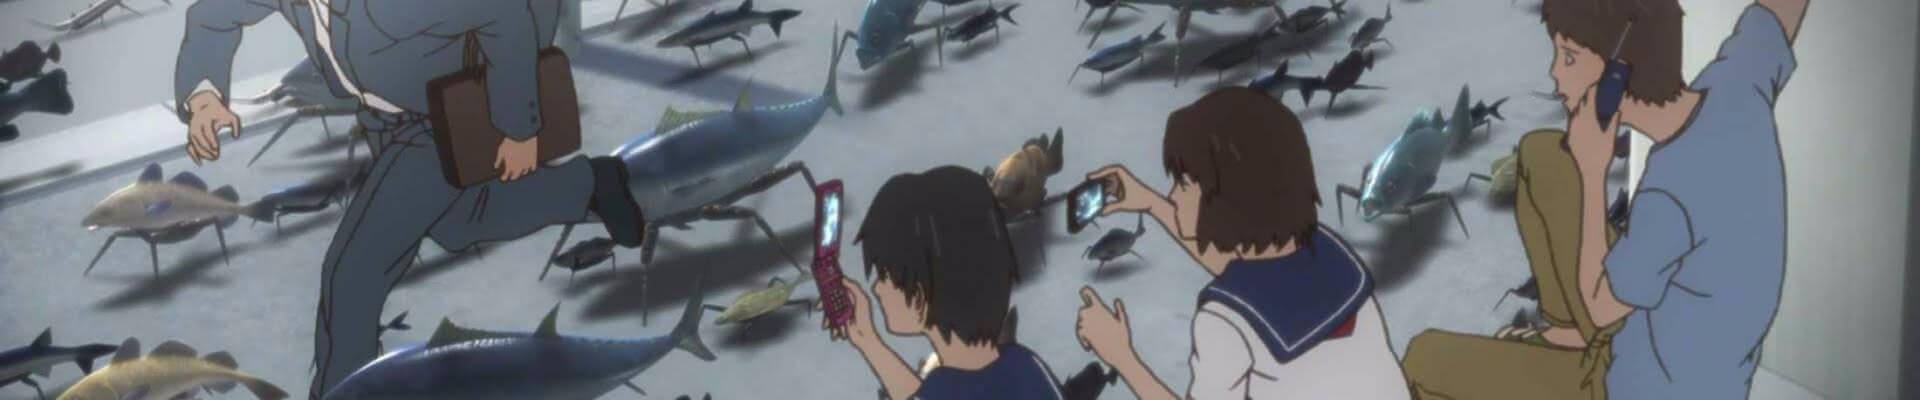 Gyo : Tokyo Fish Attack